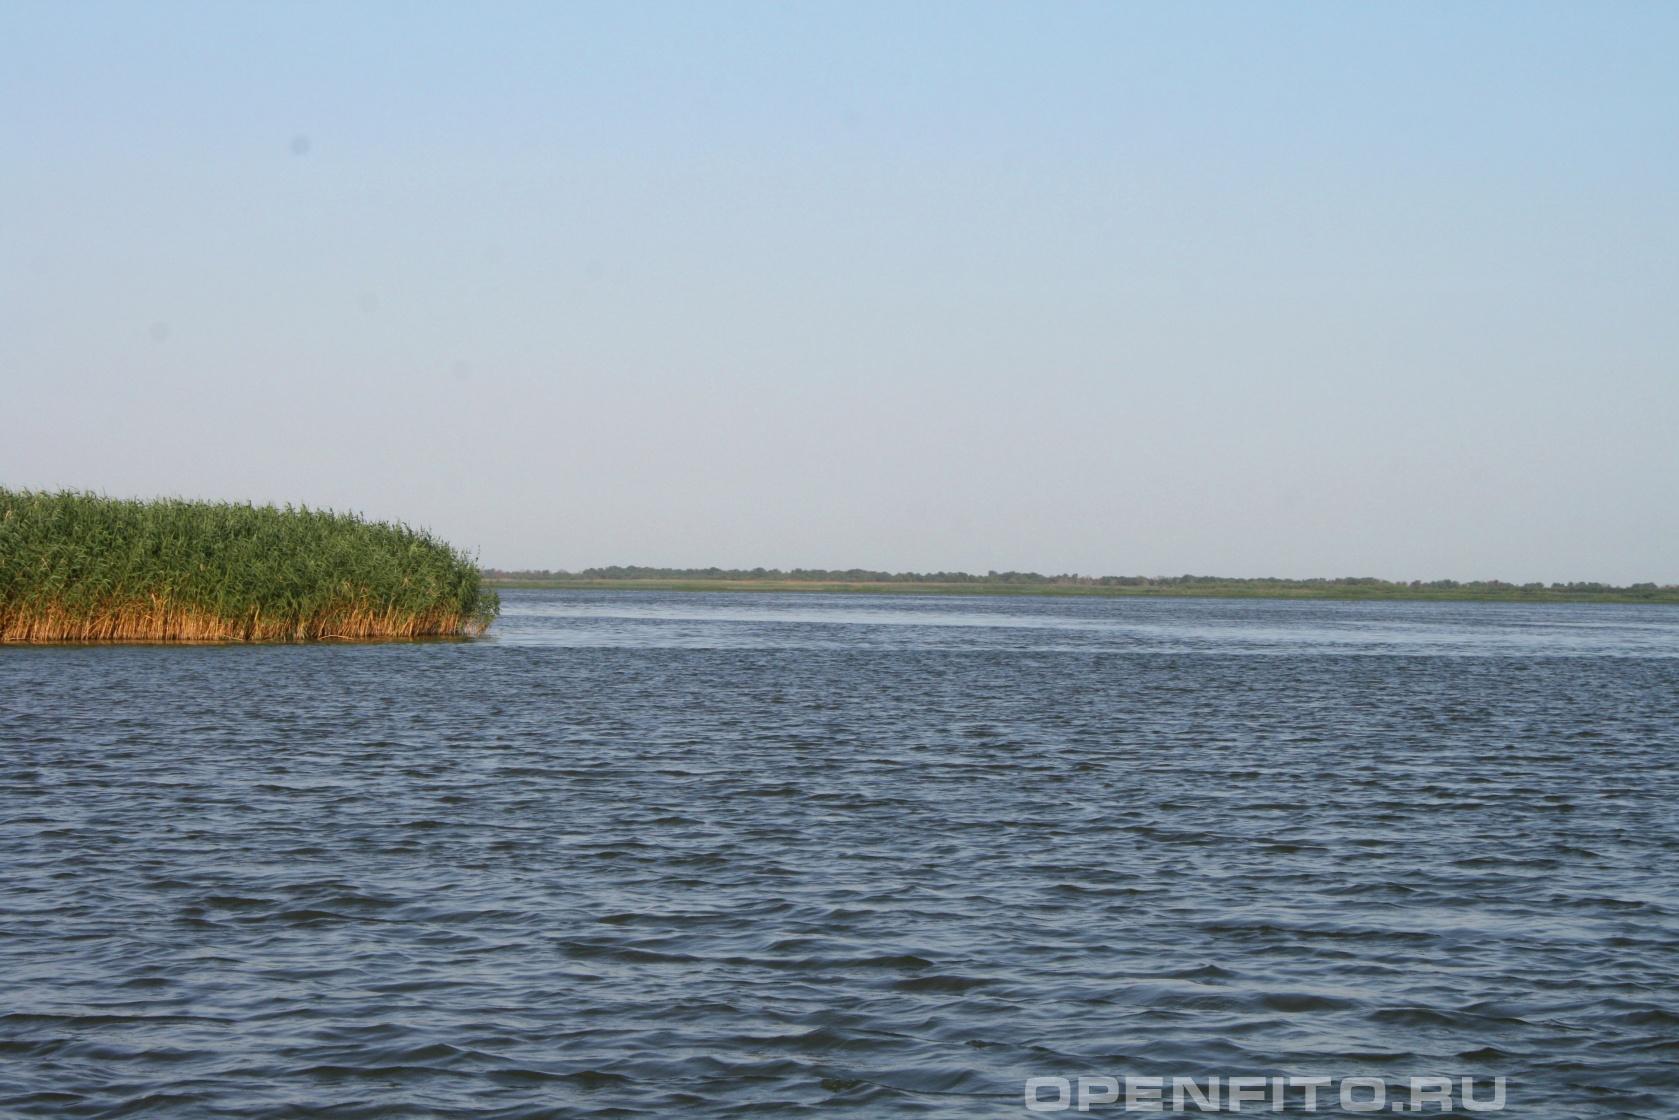 Каспийское море 20км от берега